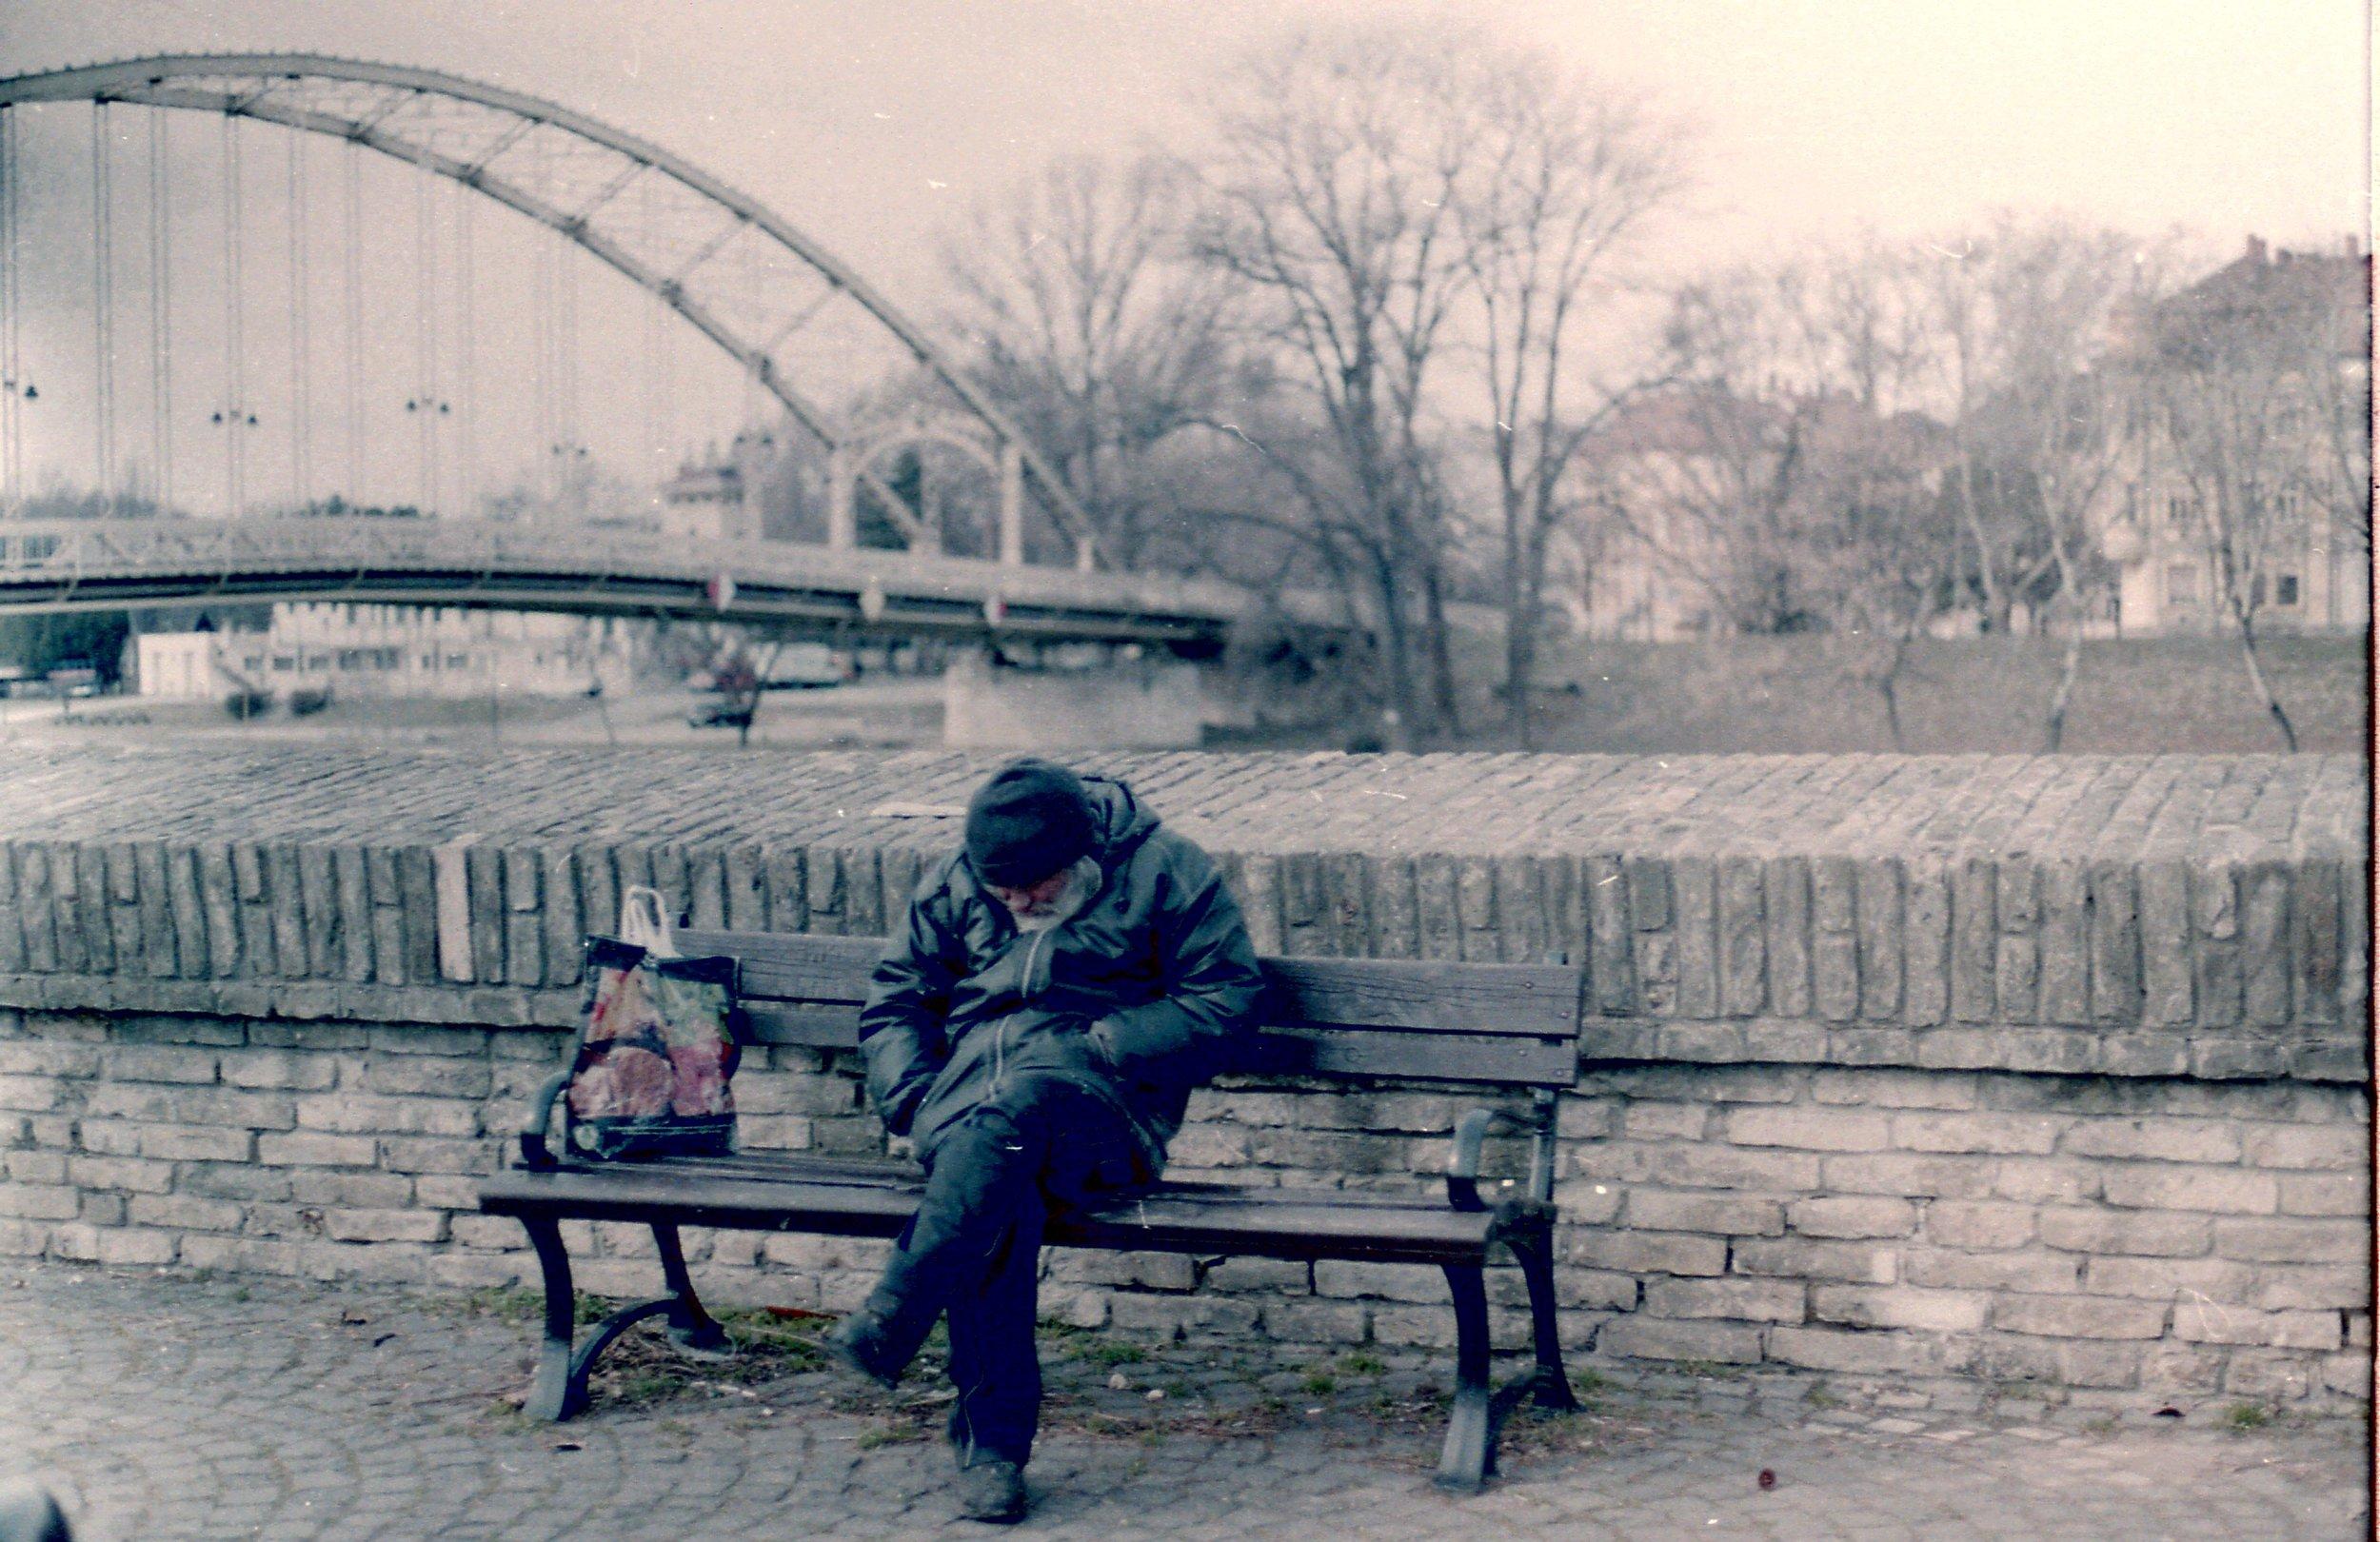 Homeless_movement_by_traguss.jpg